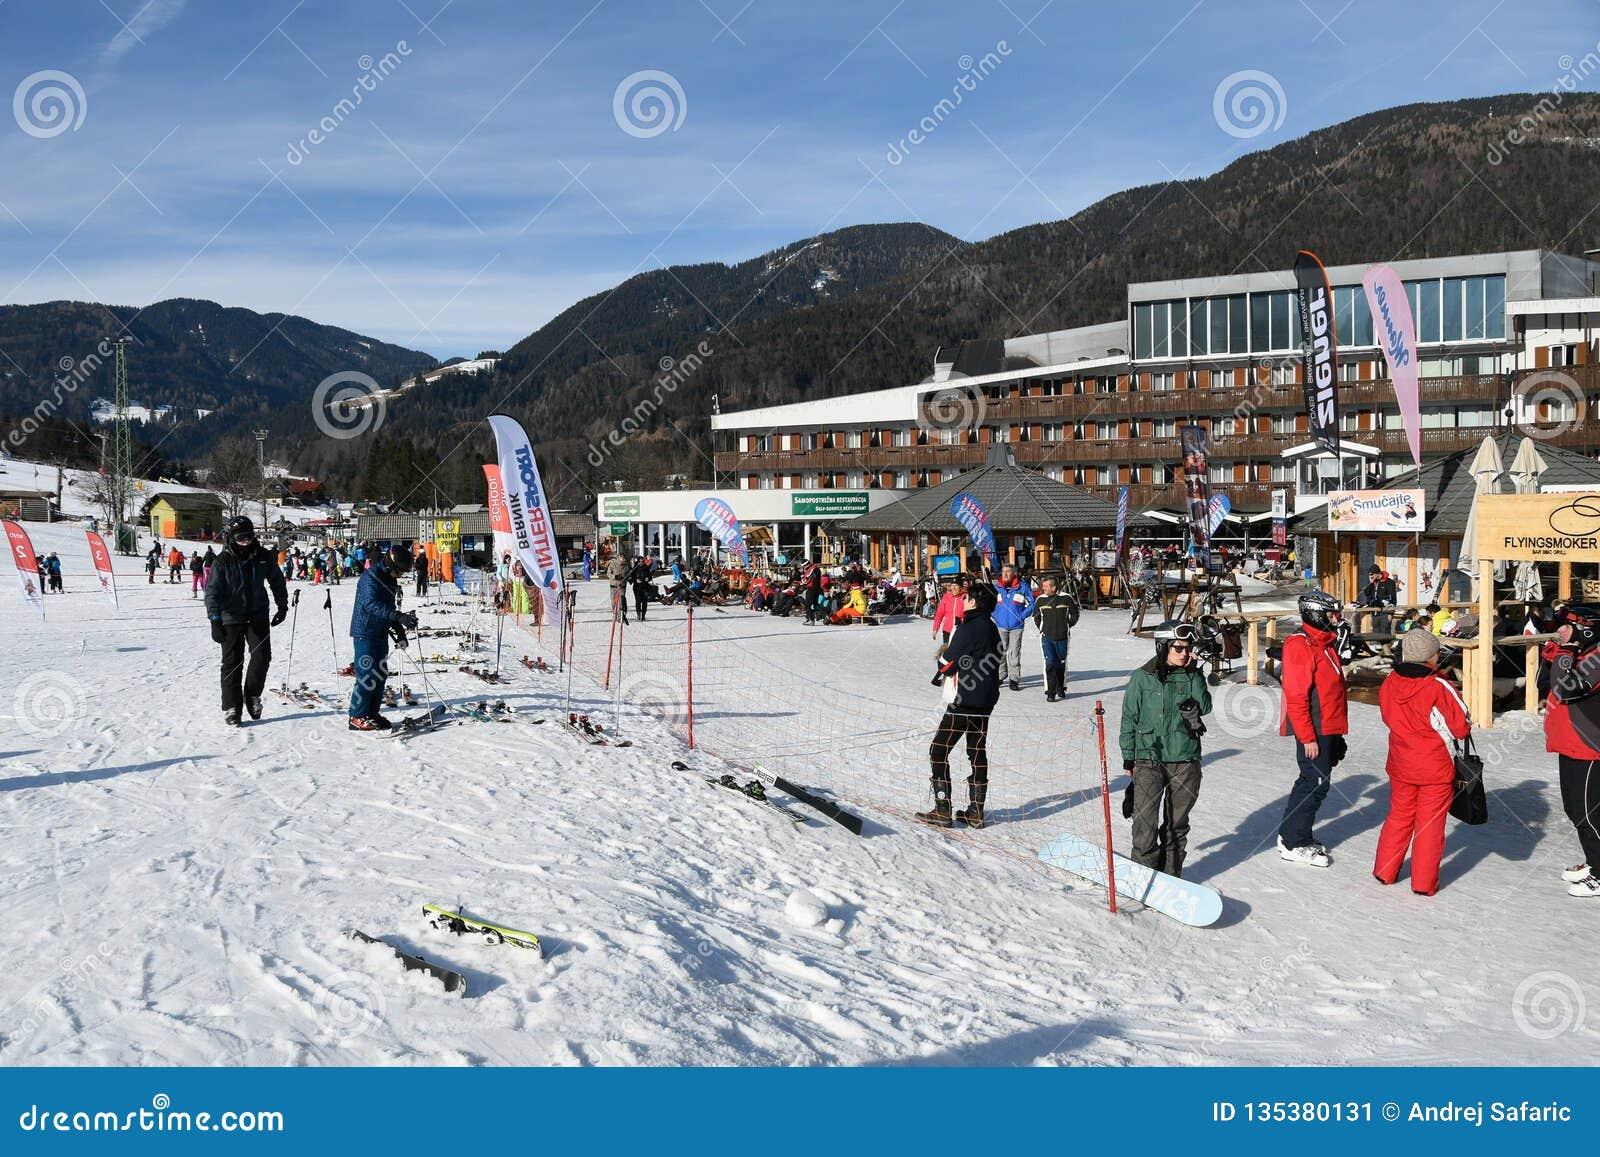 Narciarki przed hotelem na narciarskim piste w Kranjska gora, Slovenia